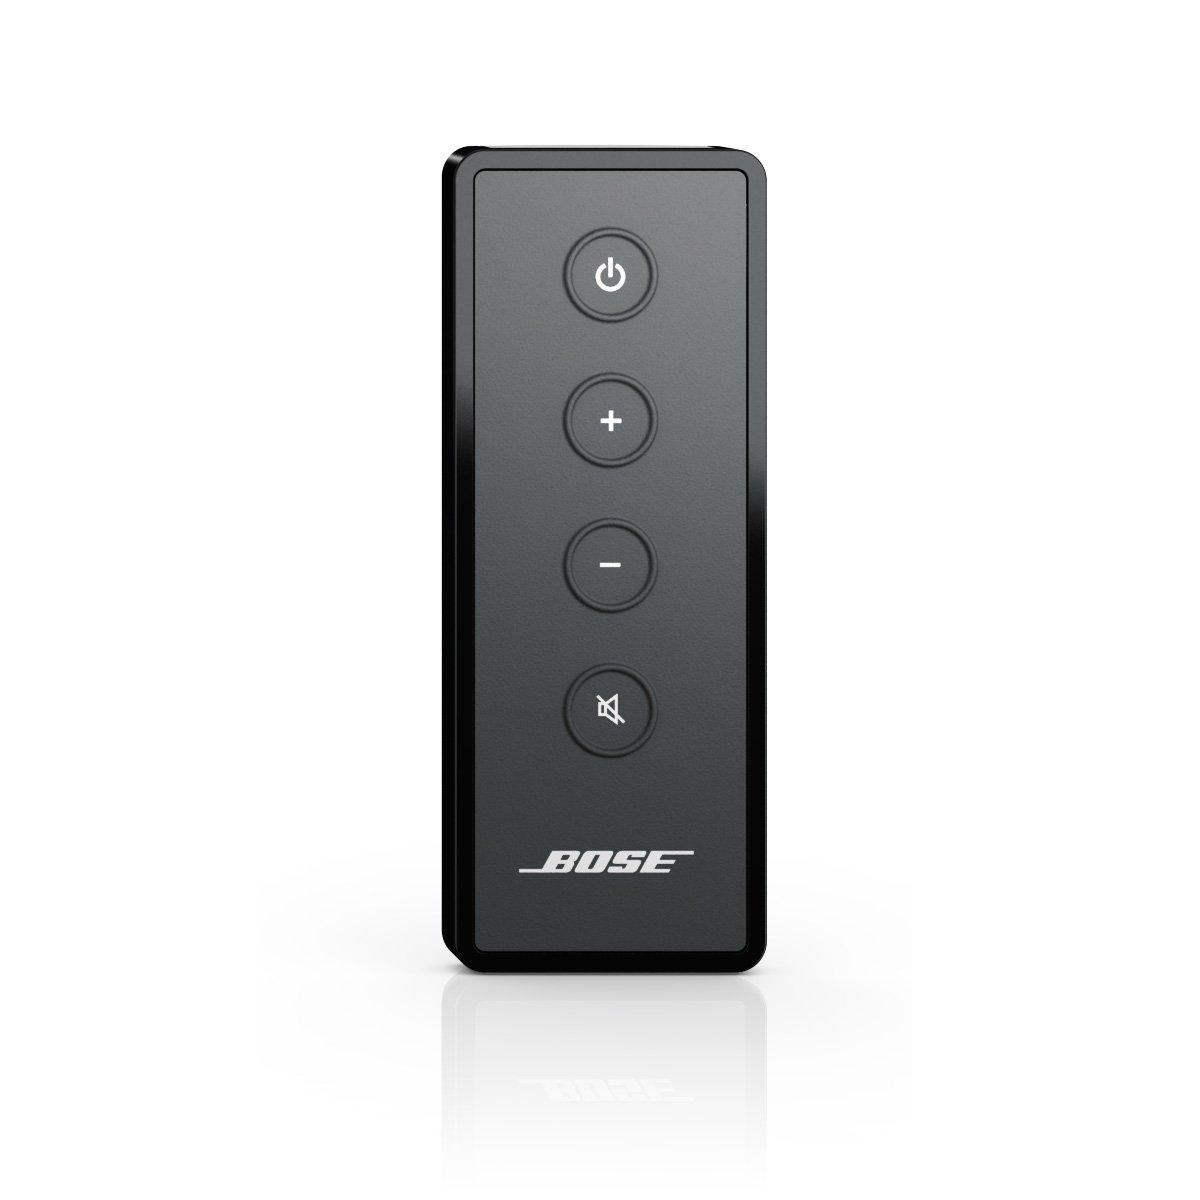 Bose Solo remote control